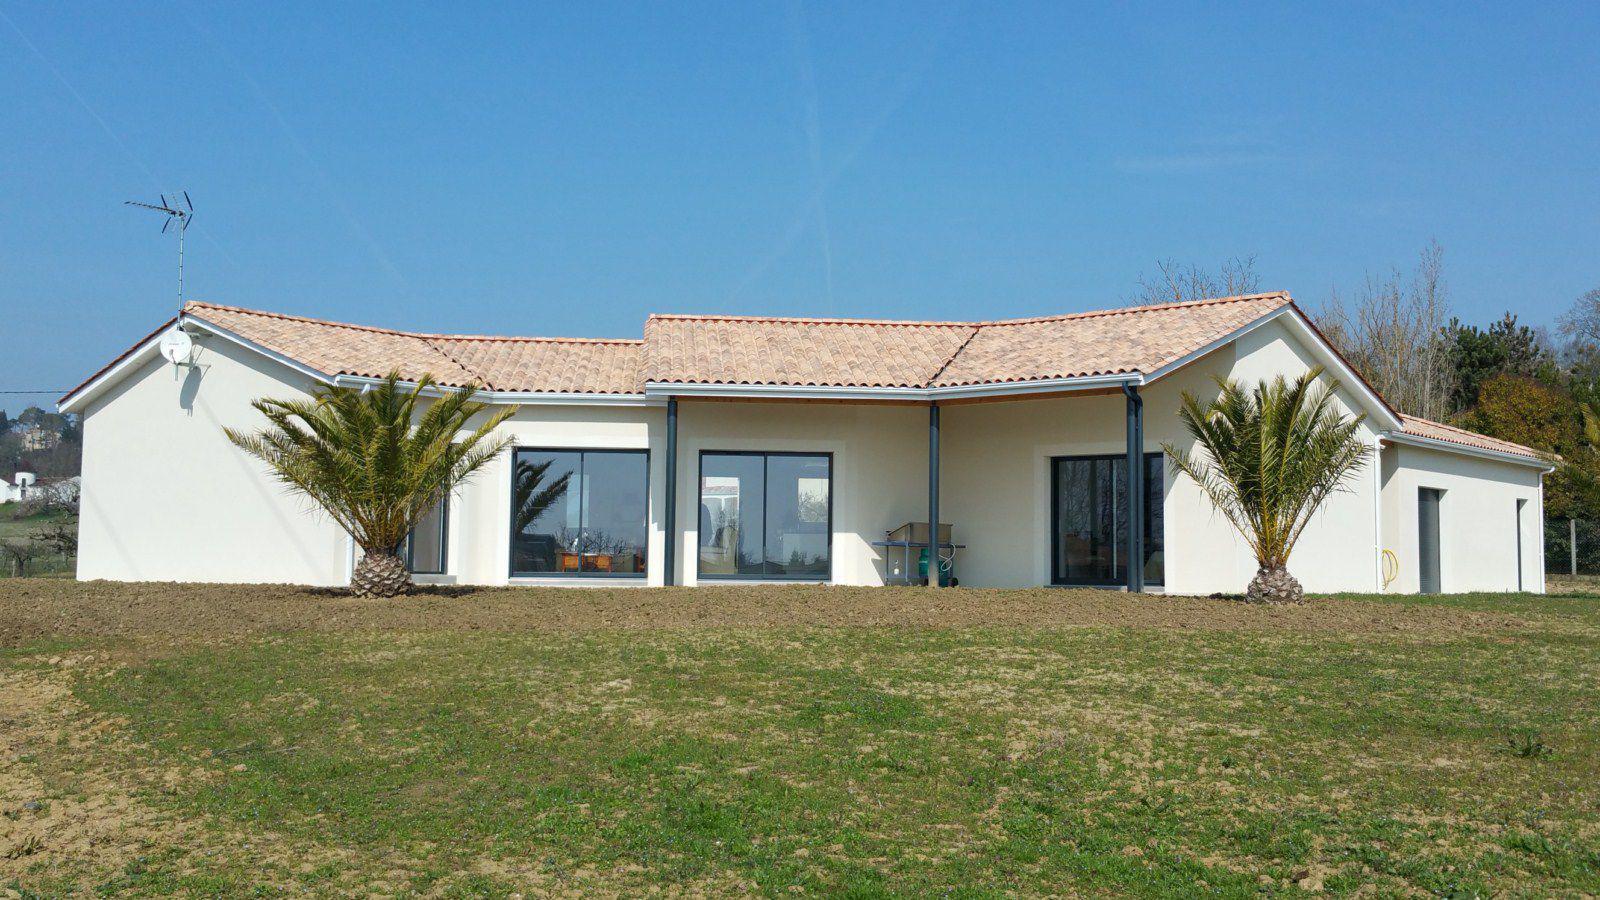 Schiro constructions construction maisons neuves marmande for Construction maison neuve bordeaux